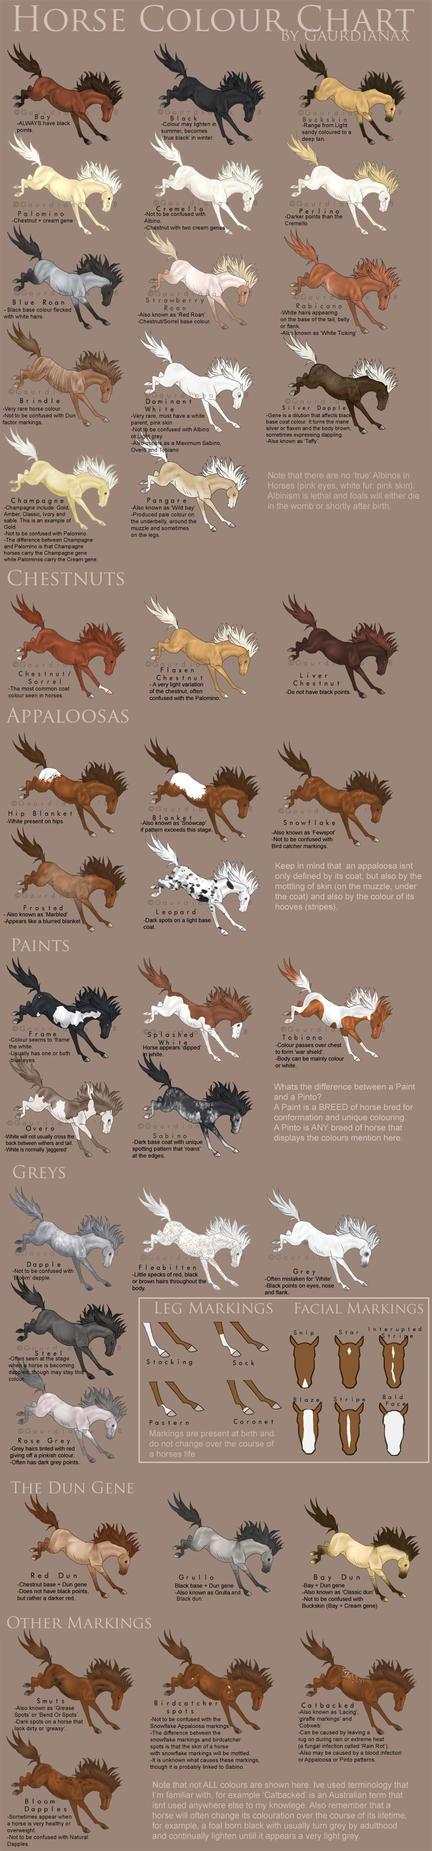 Horse Colour Chart vs 2 by Gaurdianax